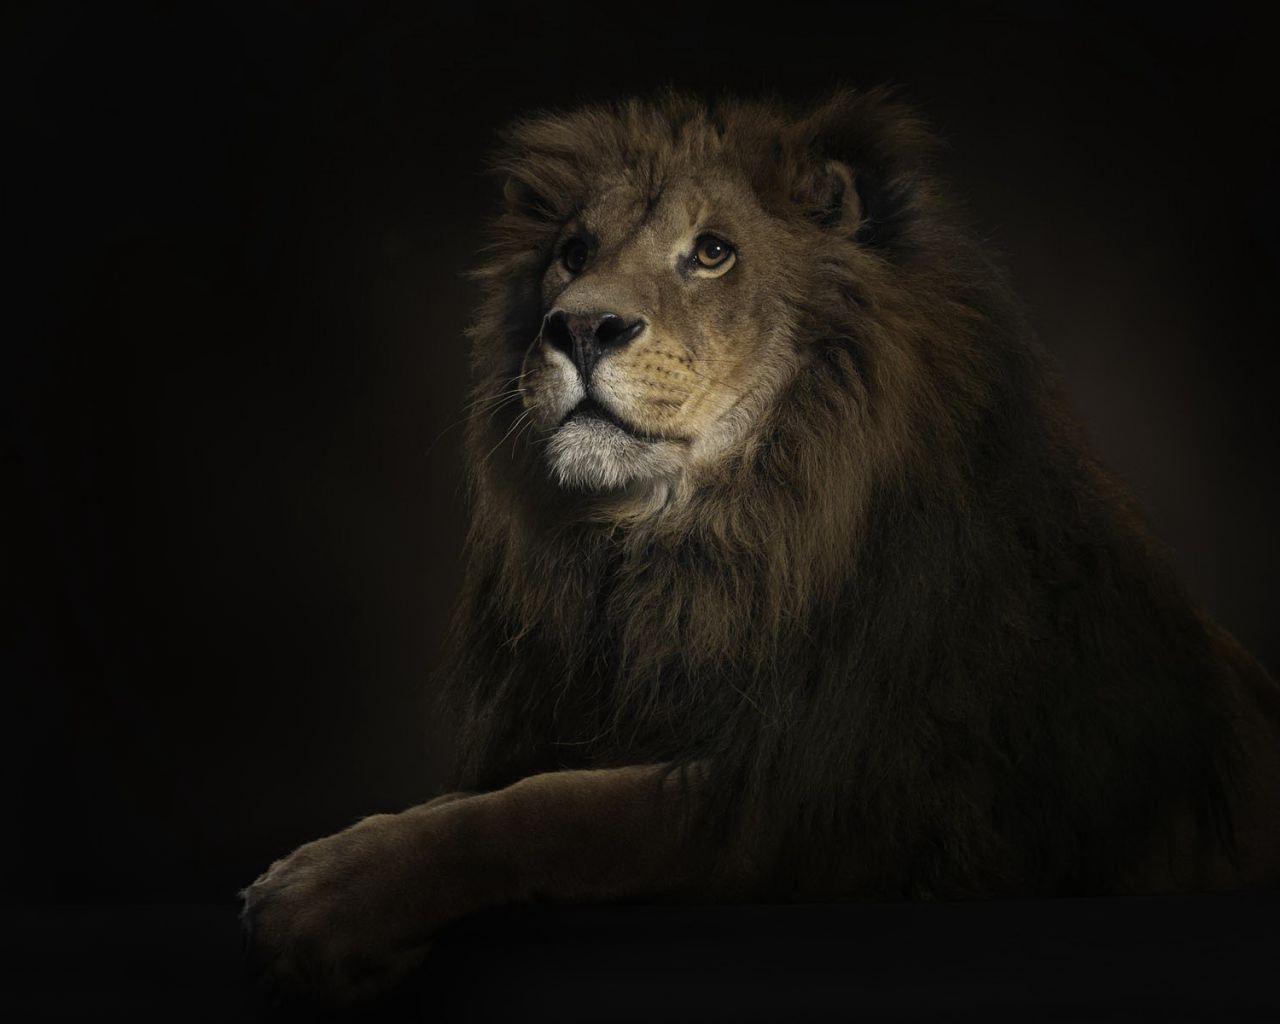 Fabulous Lion Wallpaper